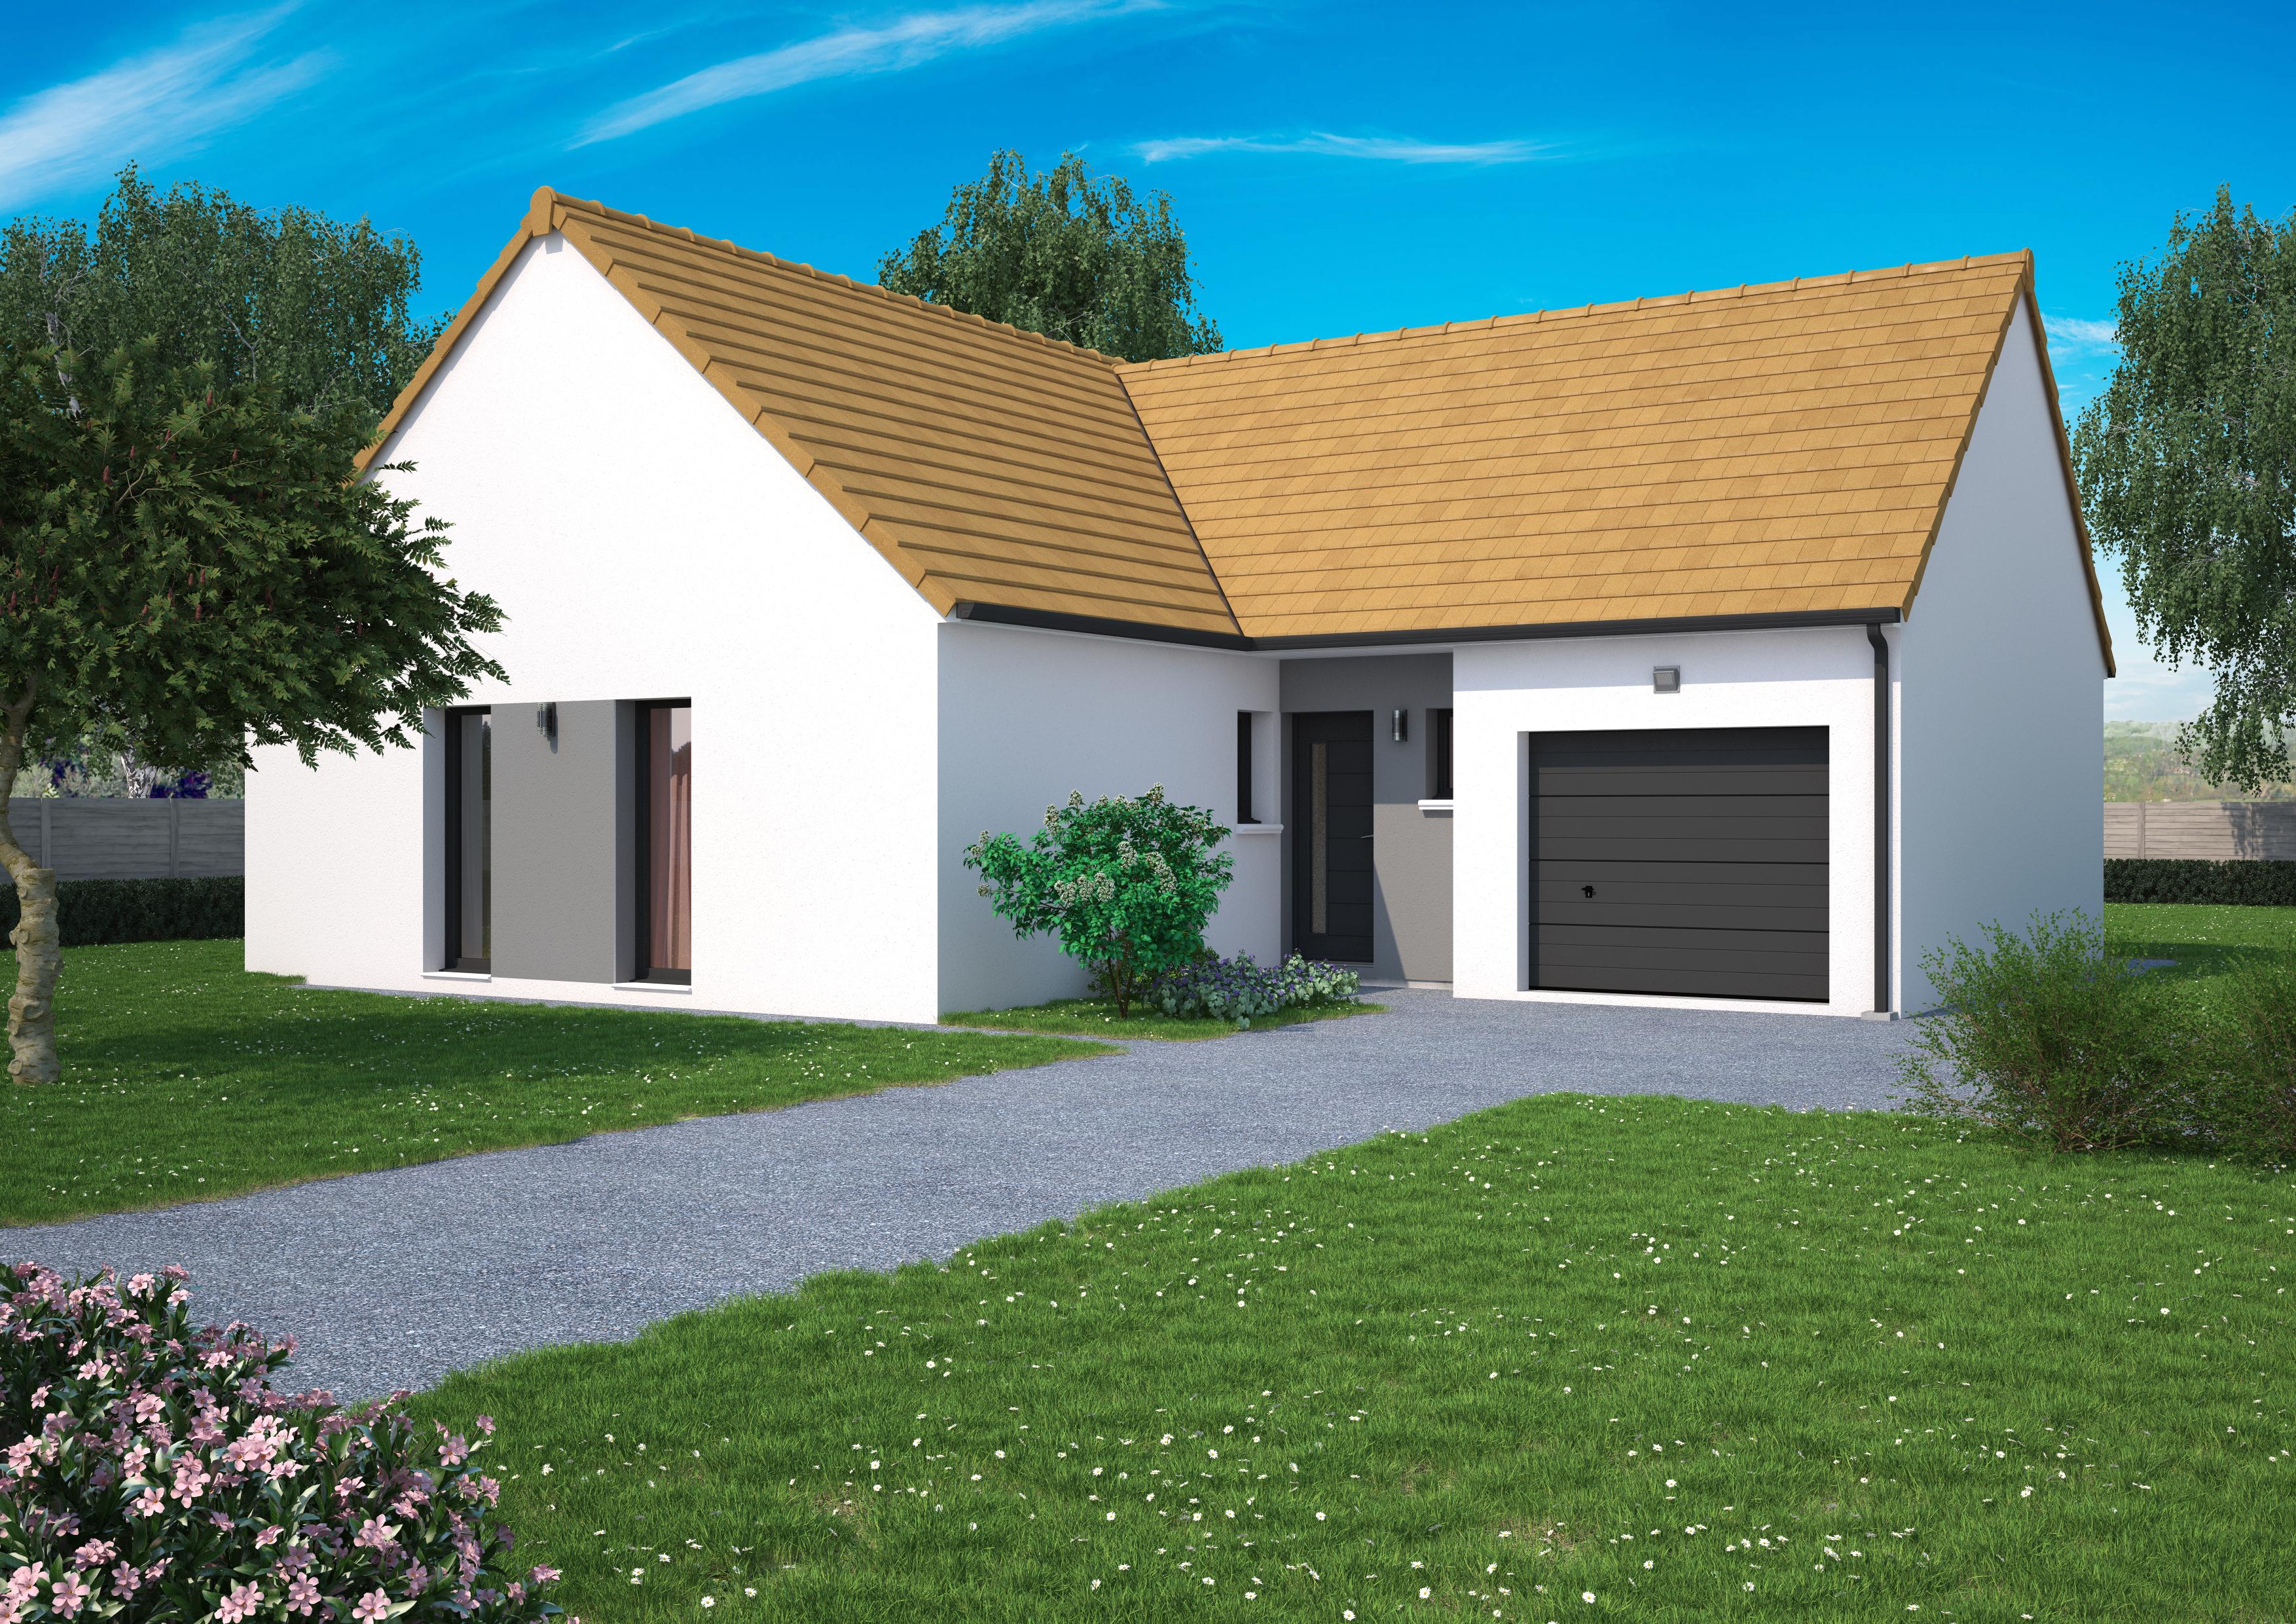 Maison à vendre à Blaison-Gohier